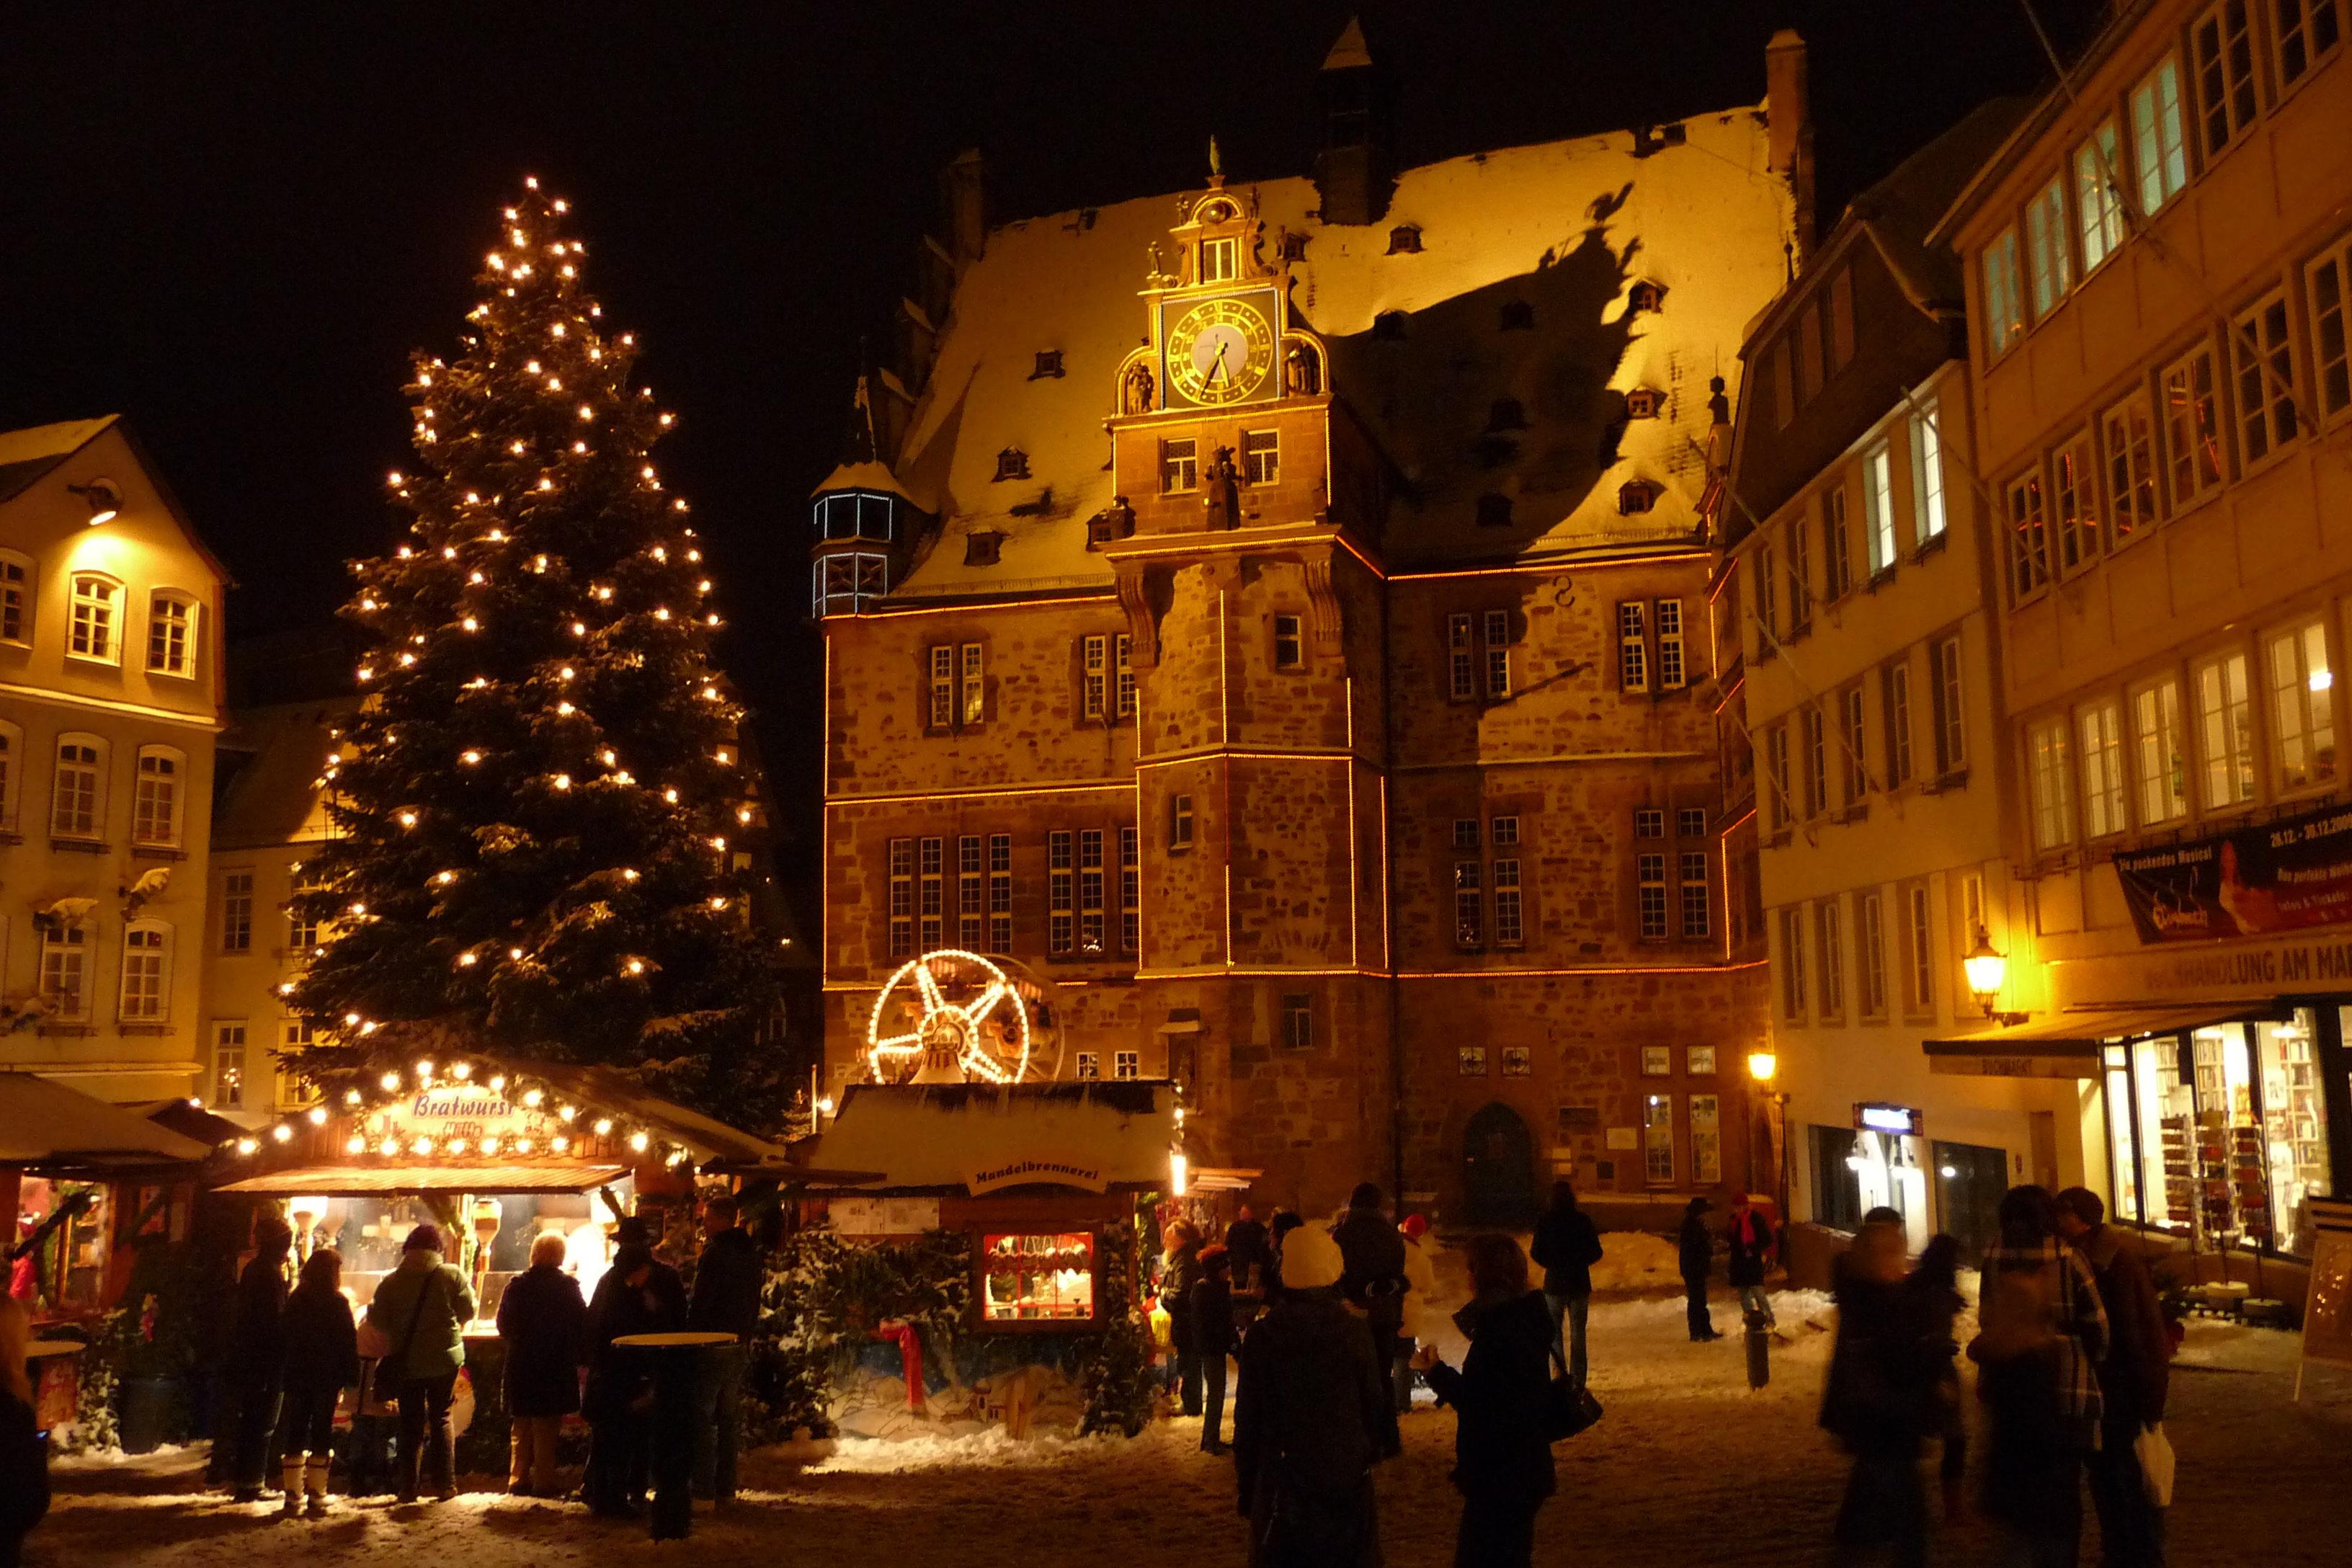 Weihnachtsmarkt In Marburg